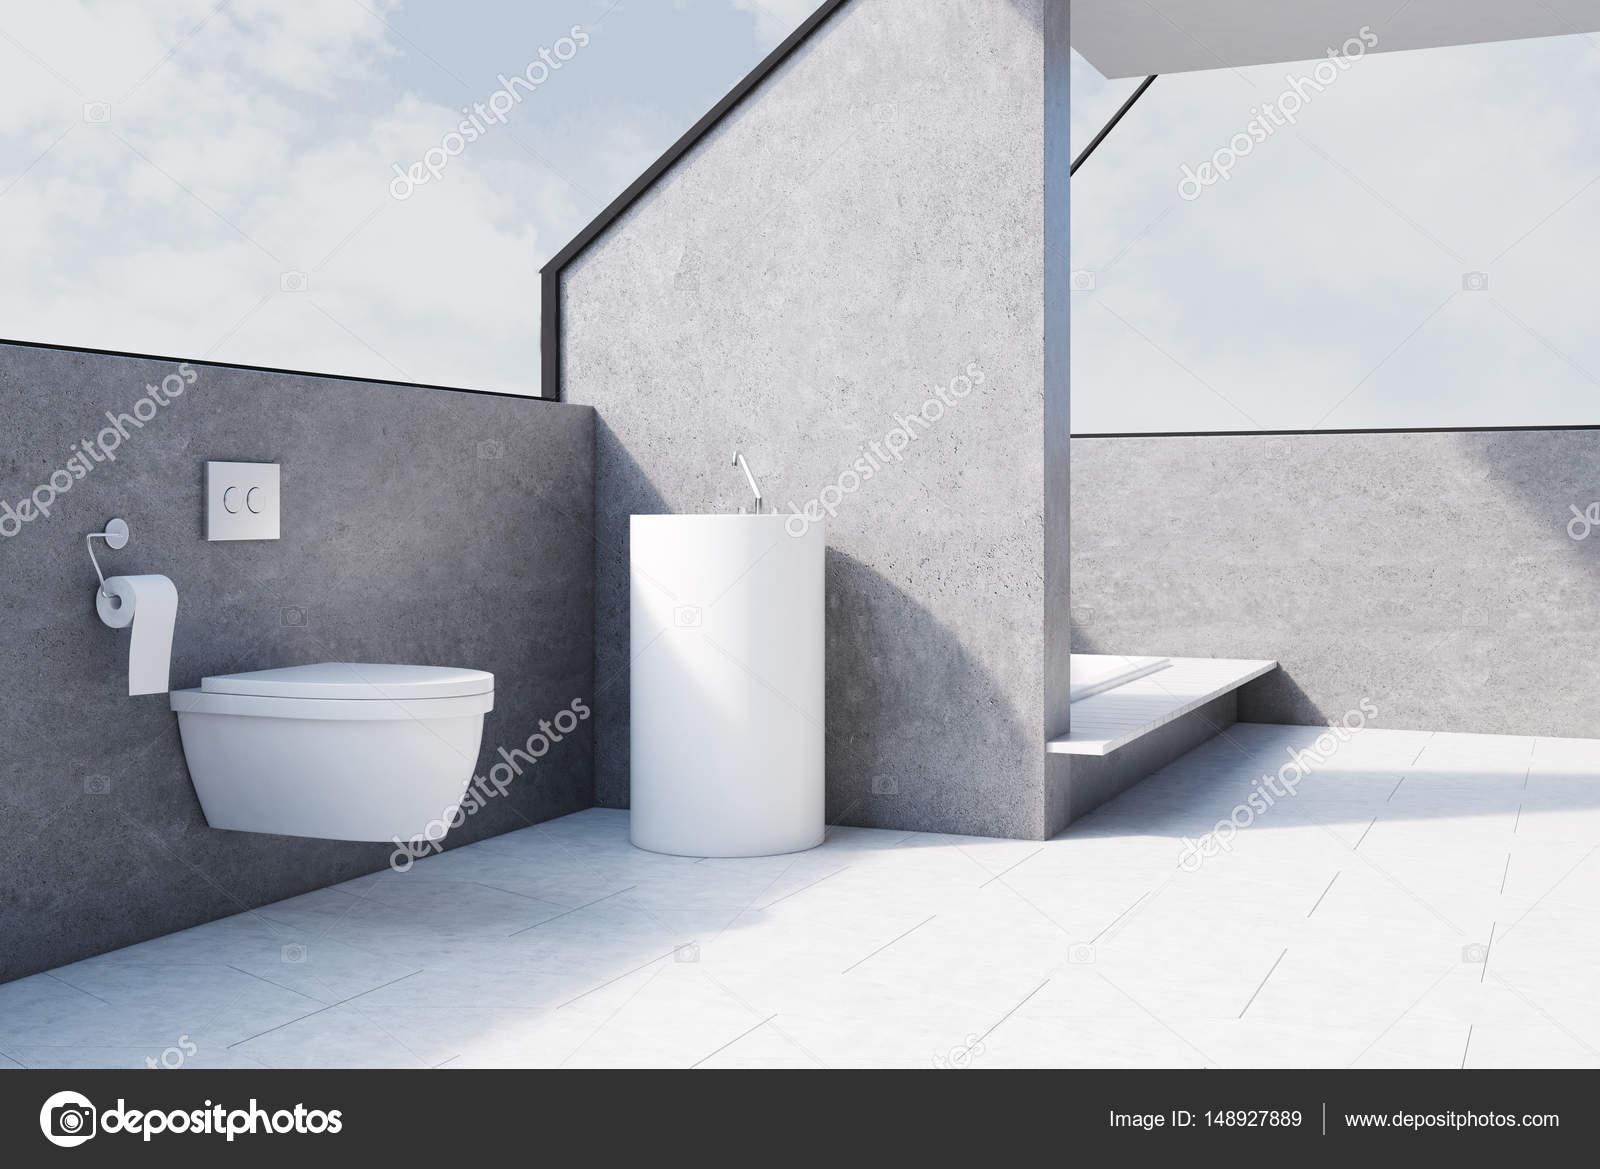 Graue Badezimmer Mit Toilette Beton Seite Stockfoto